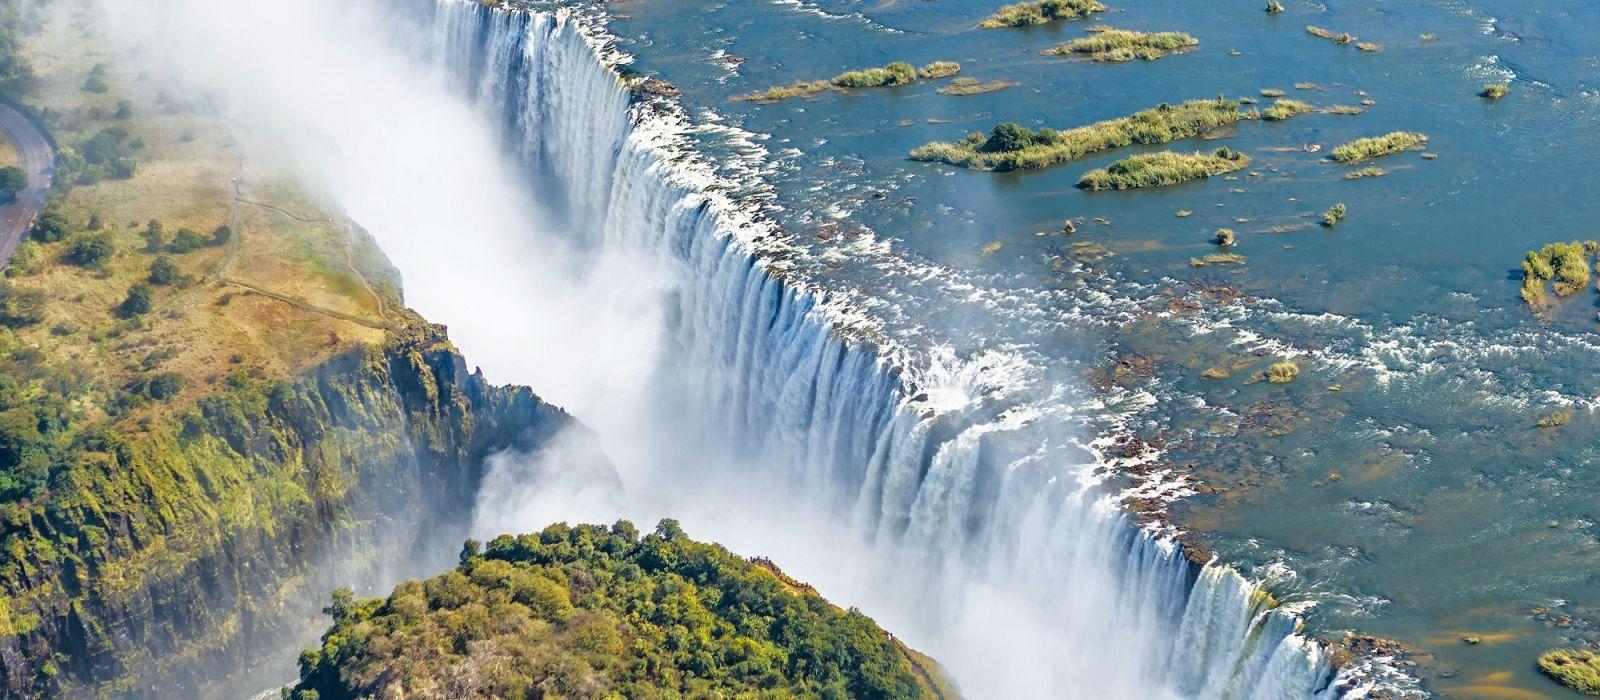 Sambia und Südafrika: Kapstadt, Safari und Viktoriafälle Urlaub 5